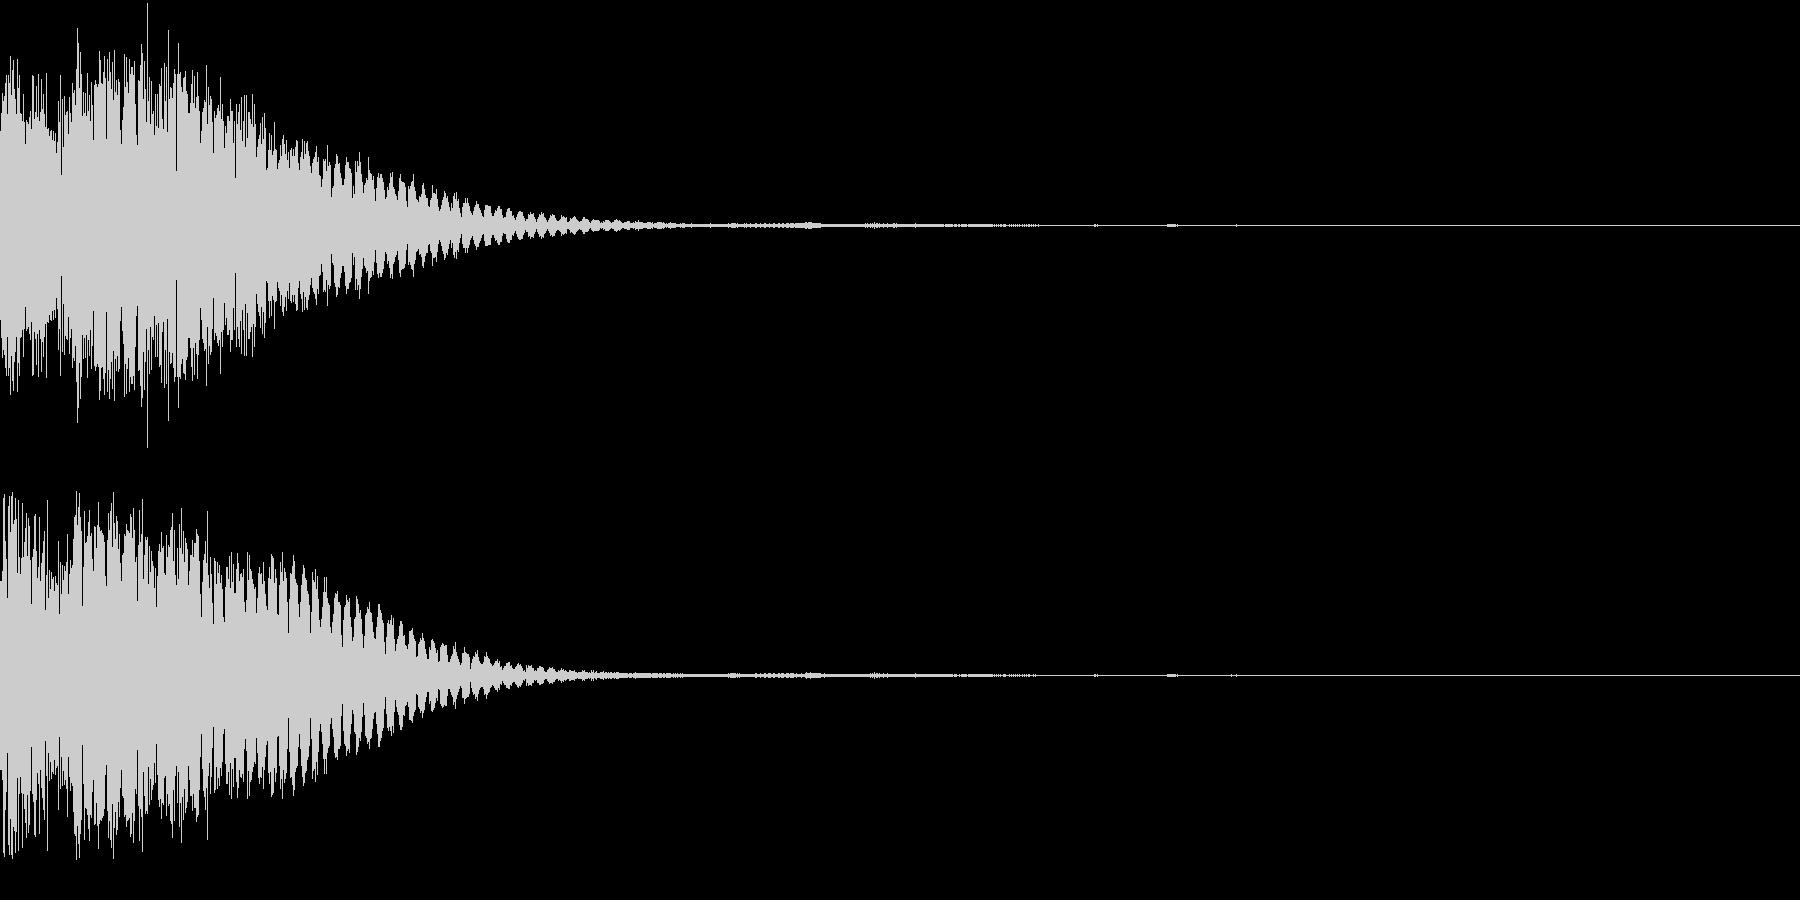 クリック音、キラン、キュイン、ピコン05の未再生の波形